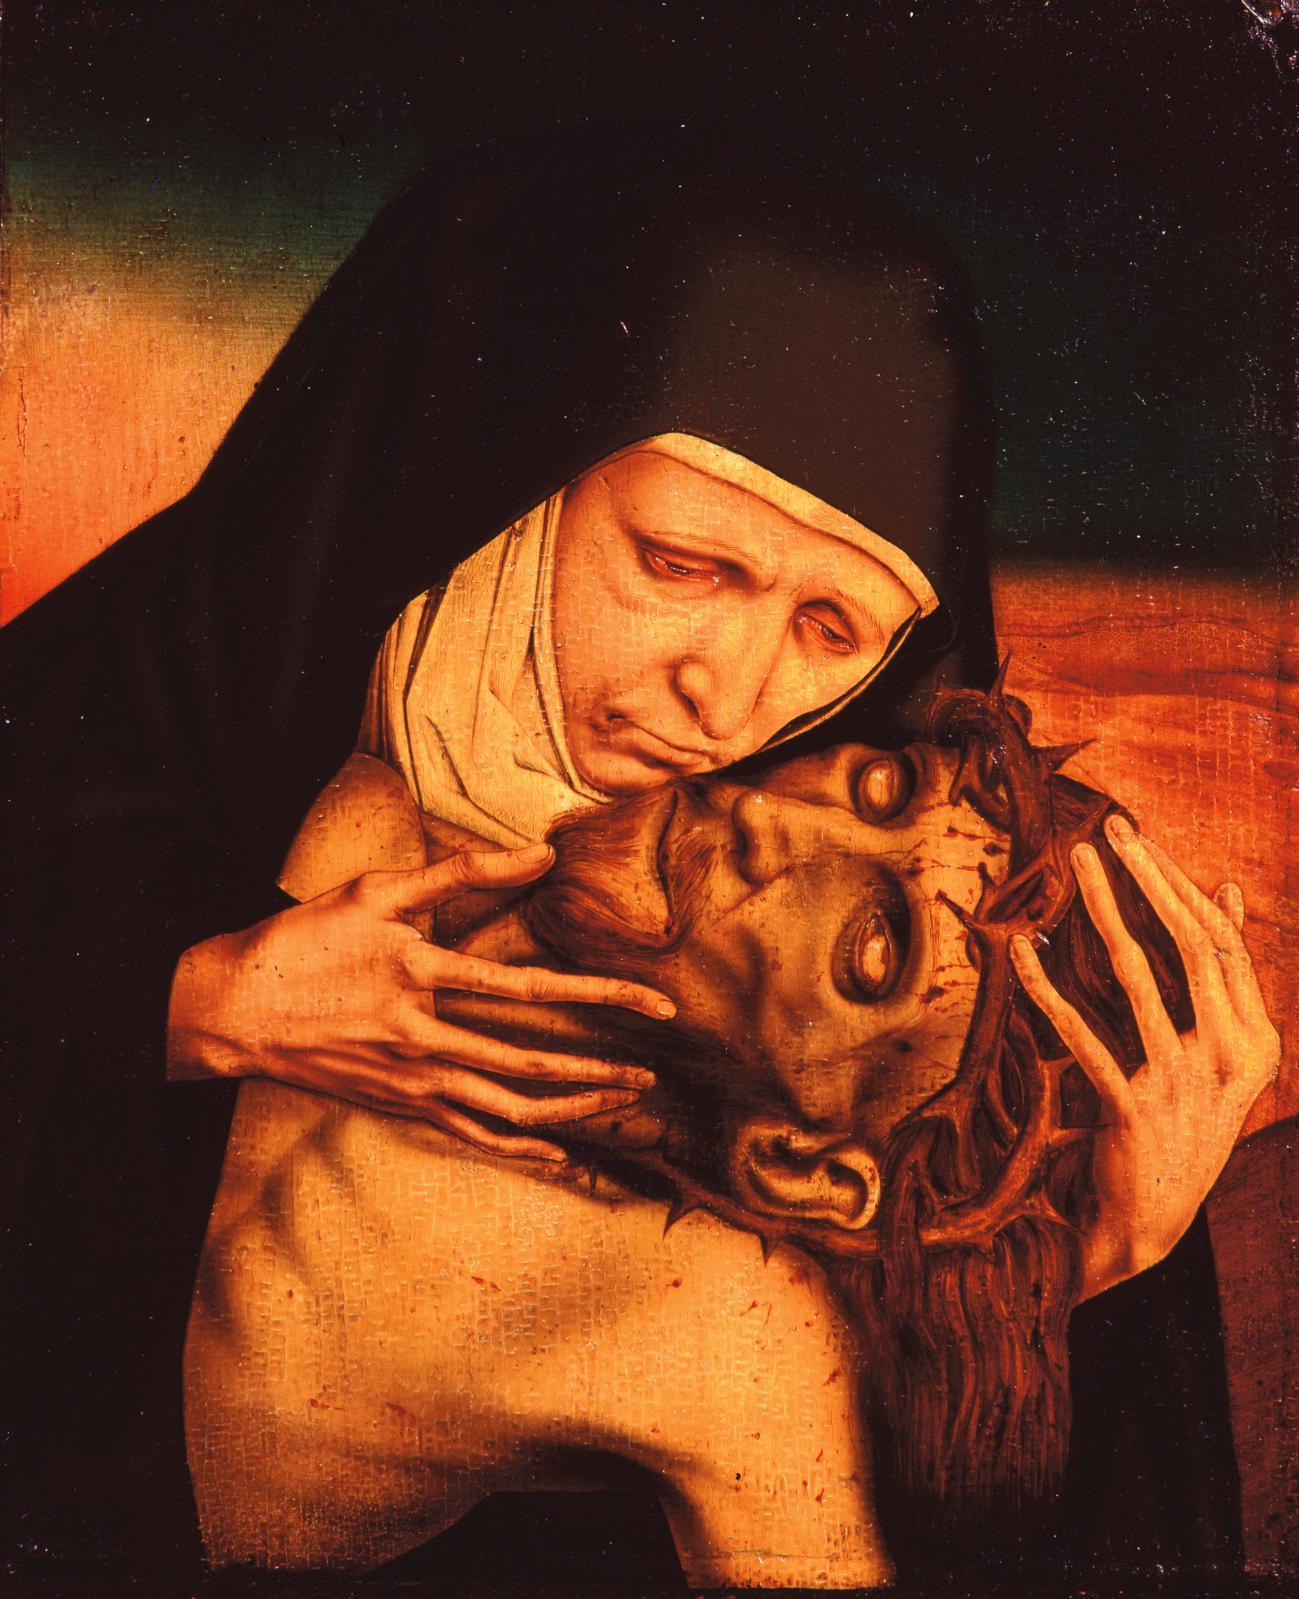 Le faussaire pathétique, Mater Dolorosa,vers 1930, huile sur bois, Pont-Saint-Esprit, musée d'art sacré du Gard.©Conservation départemen